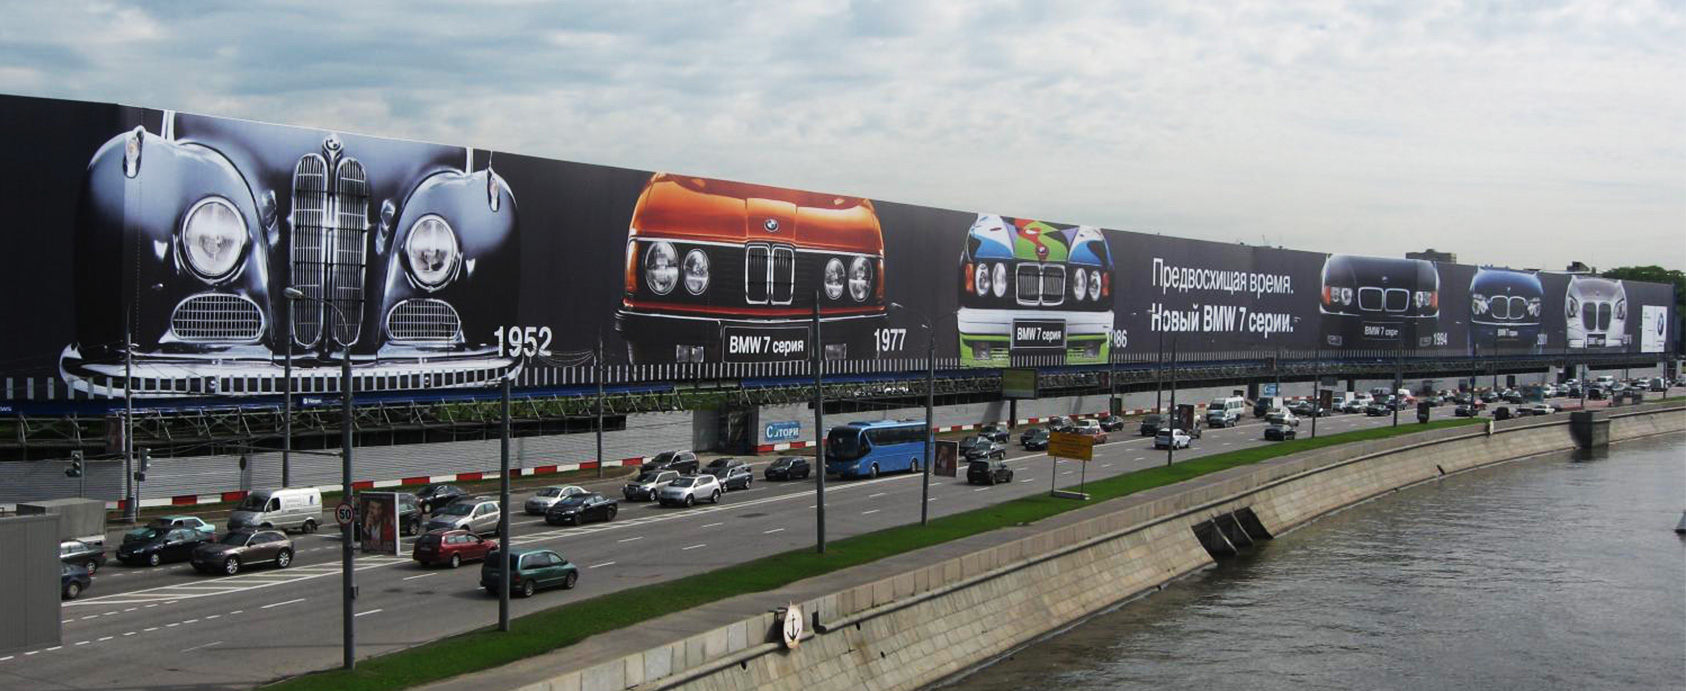 Рекламные агентства москвы реклама в интернете реклама об интернете